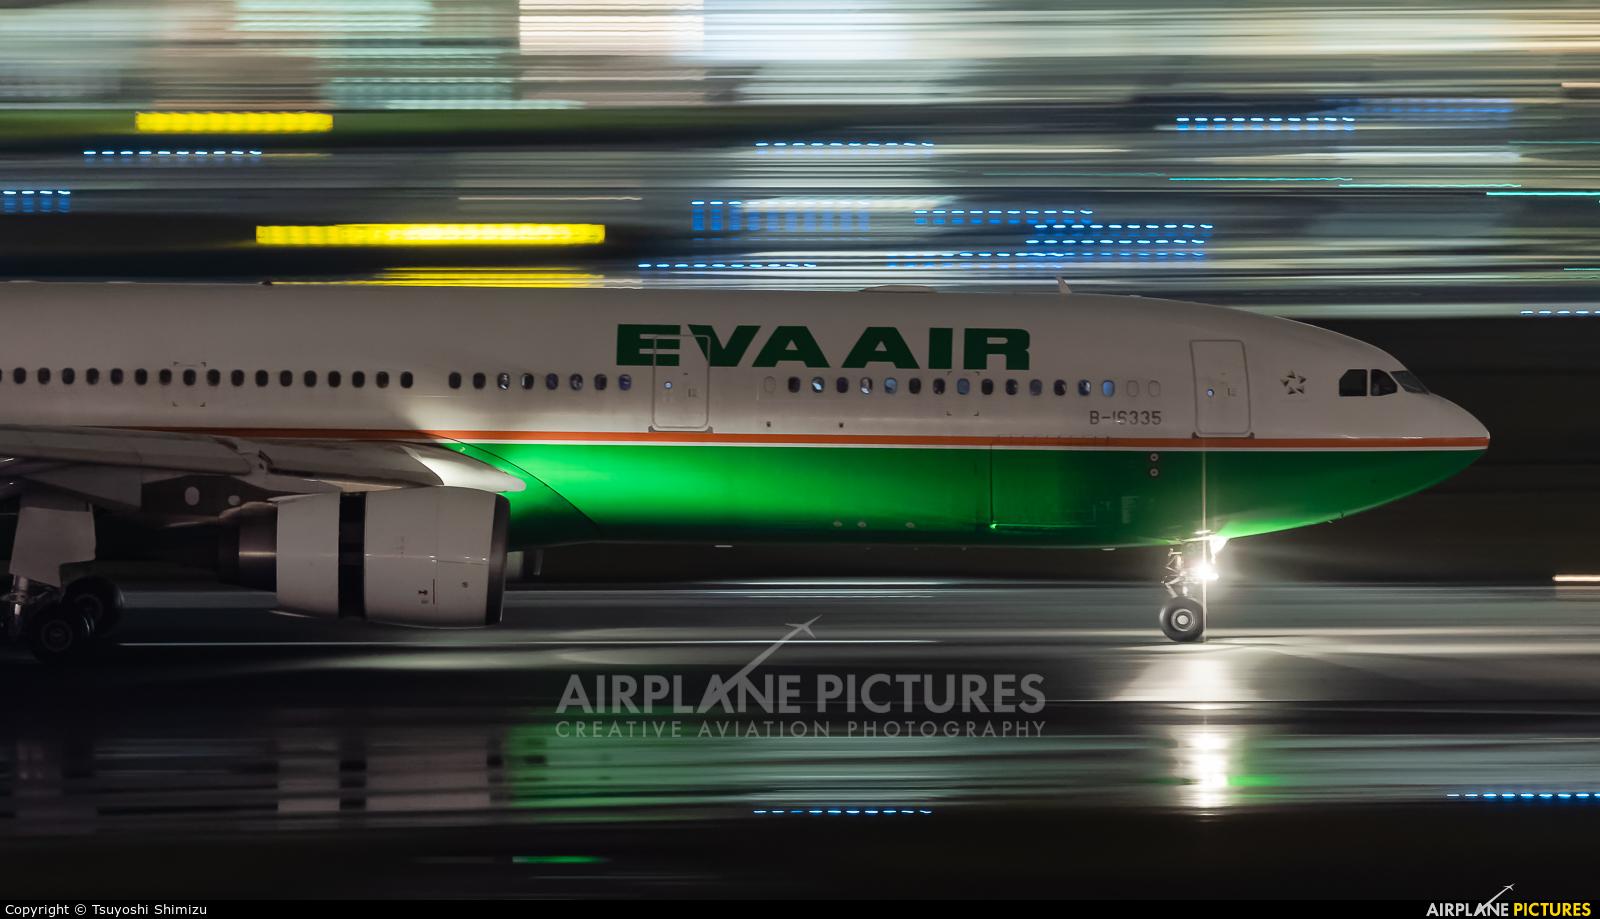 Eva Air B-16335 aircraft at Tokyo - Haneda Intl